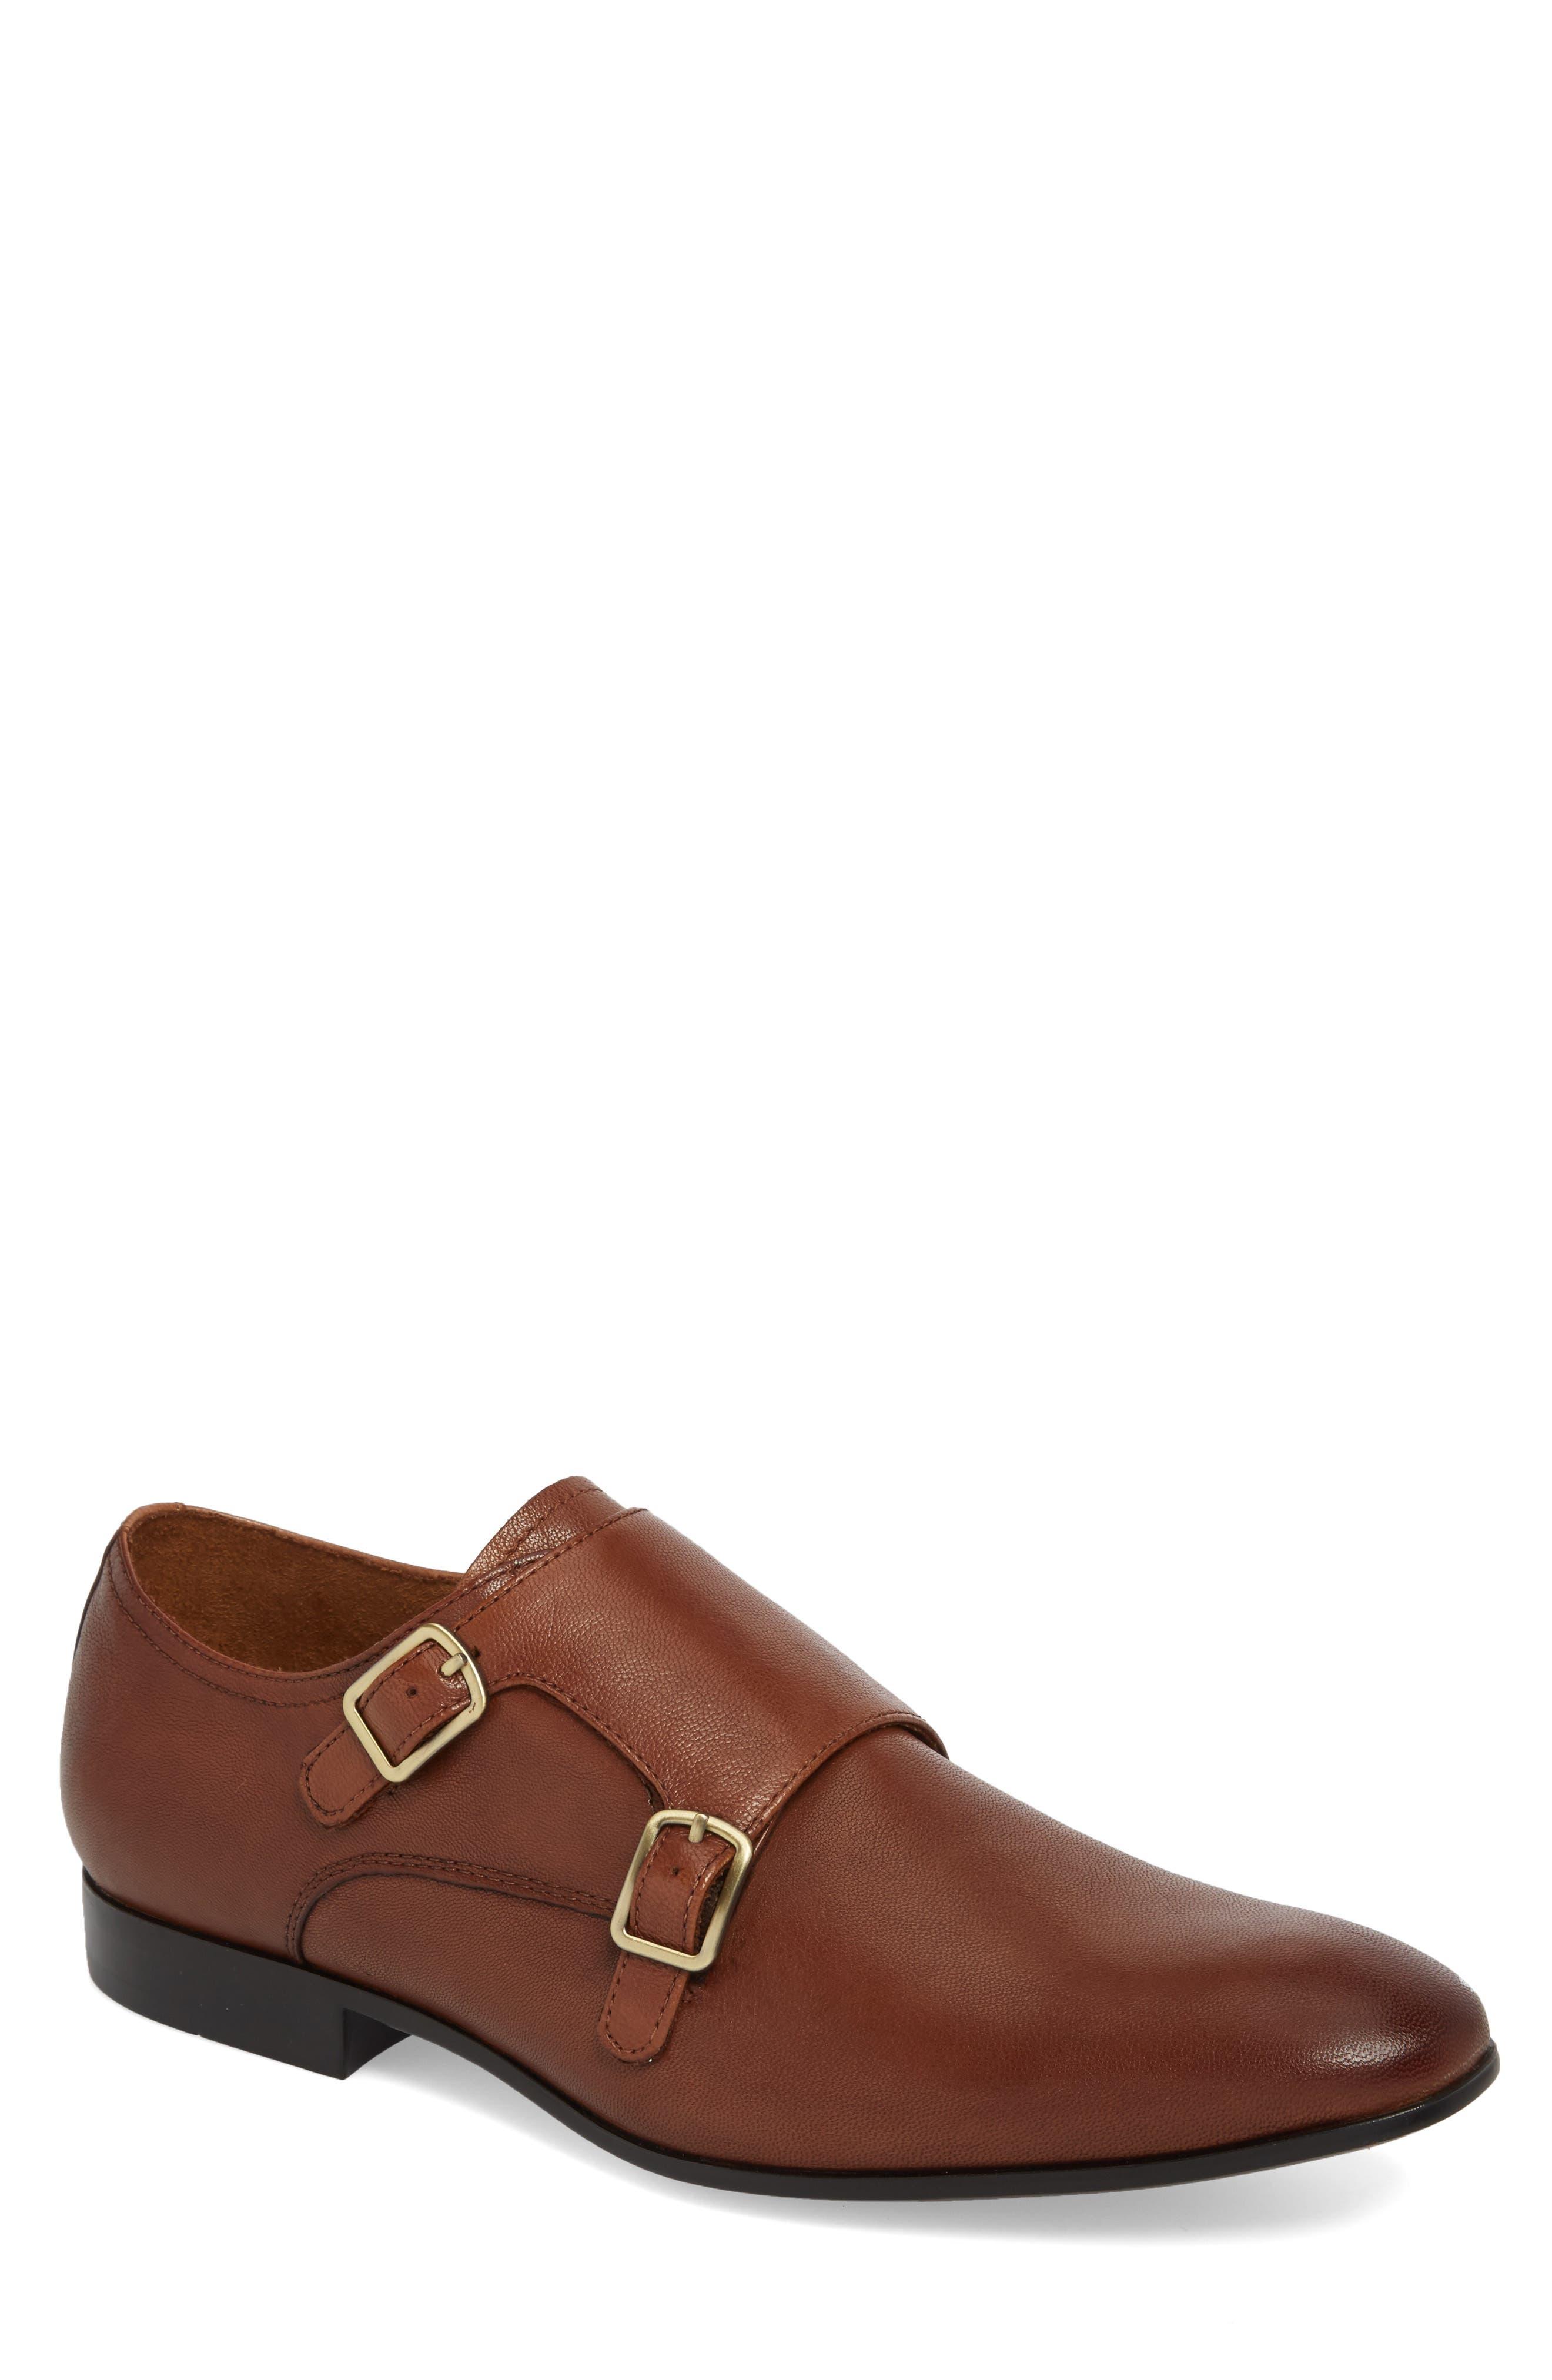 Mix Double Monk Strap Shoe,                         Main,                         color, Cognac Leather